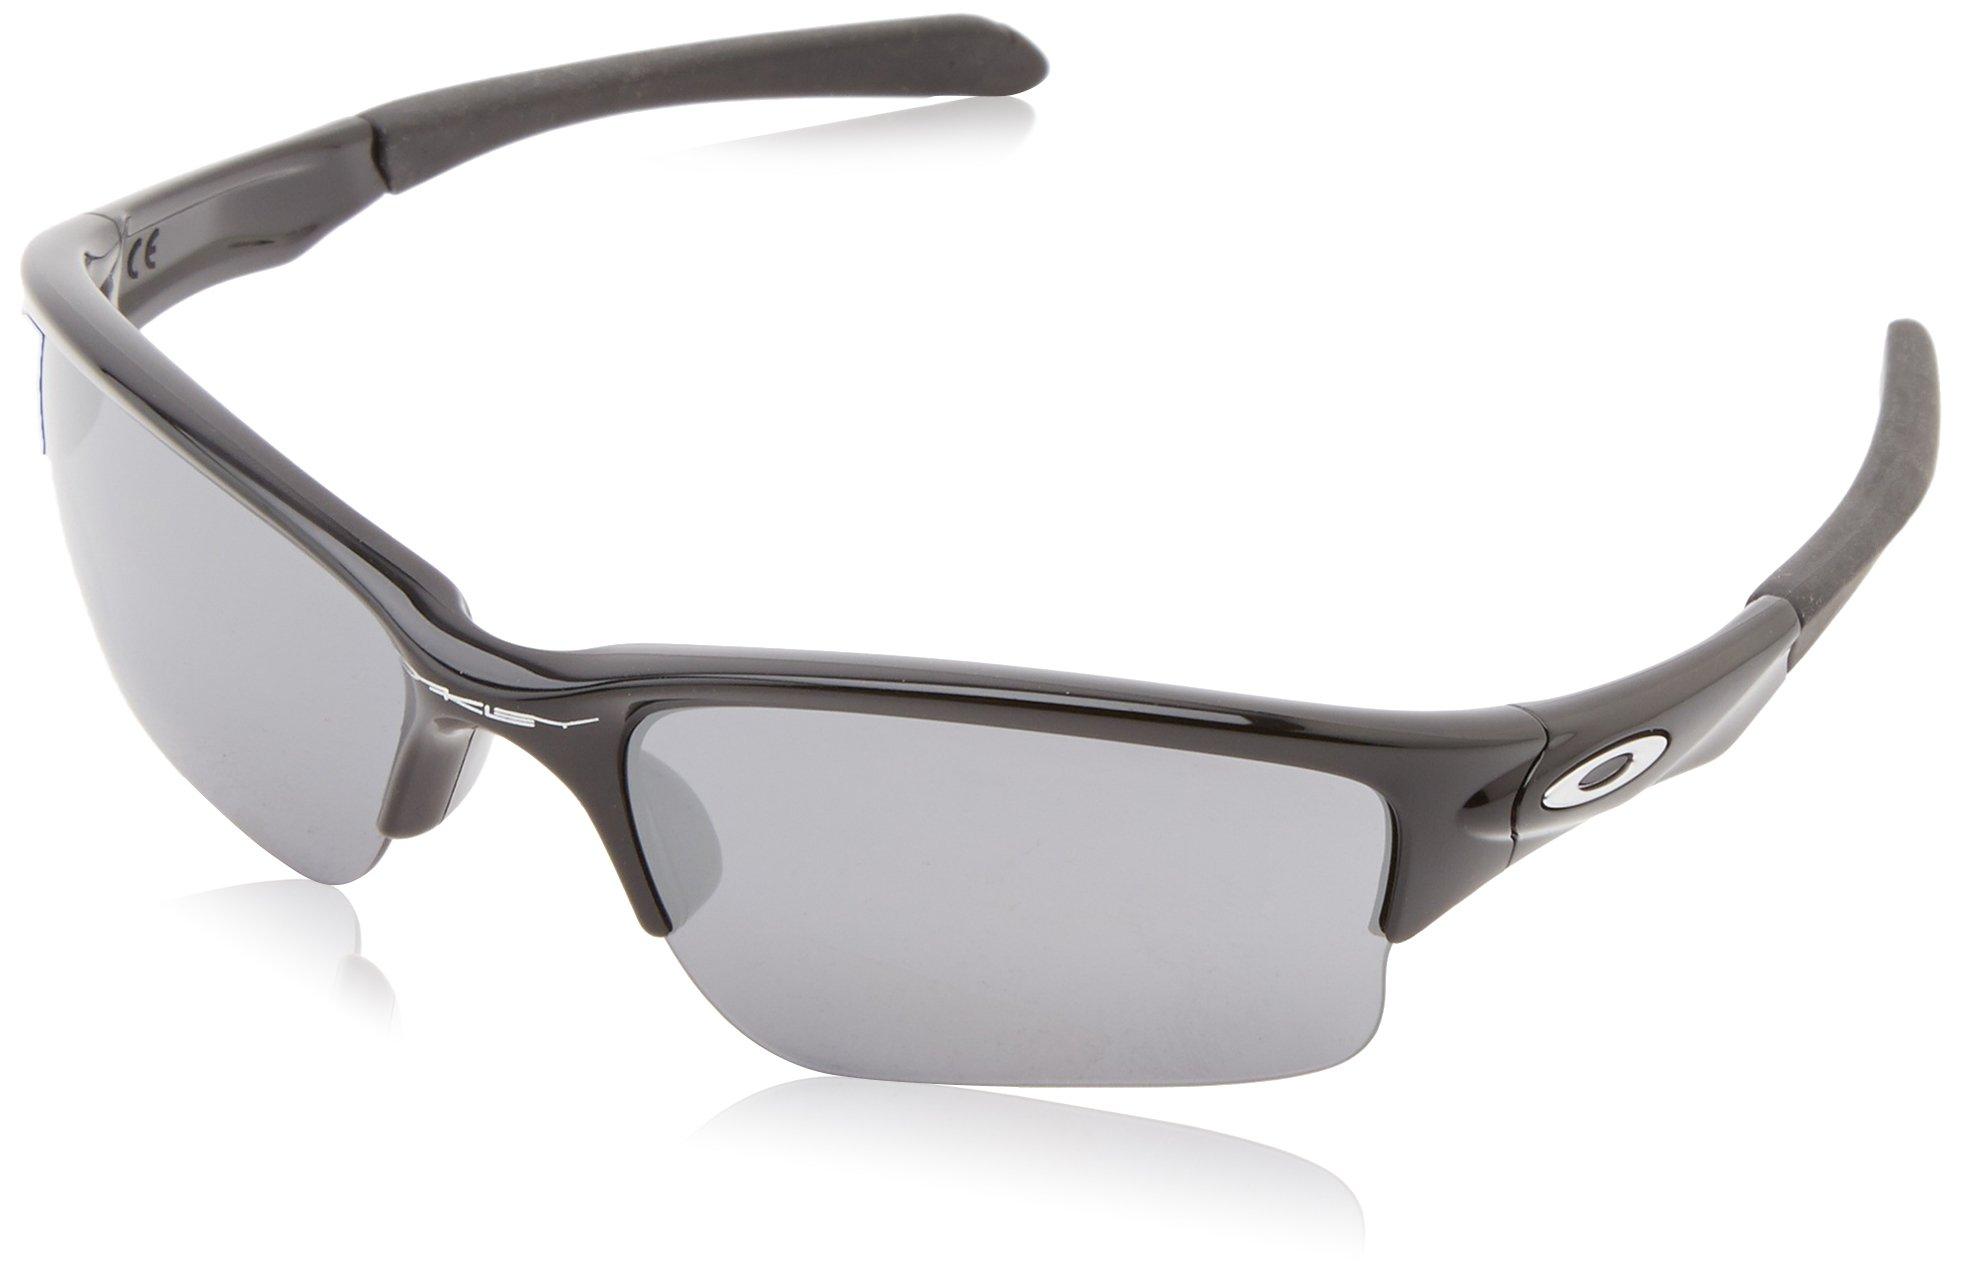 Oakley Quarter Jacket Non-Polarized Iridium Rectangular Sunglasses,Polished Black/Black Iridium lens,61 mm (Youth Fit)